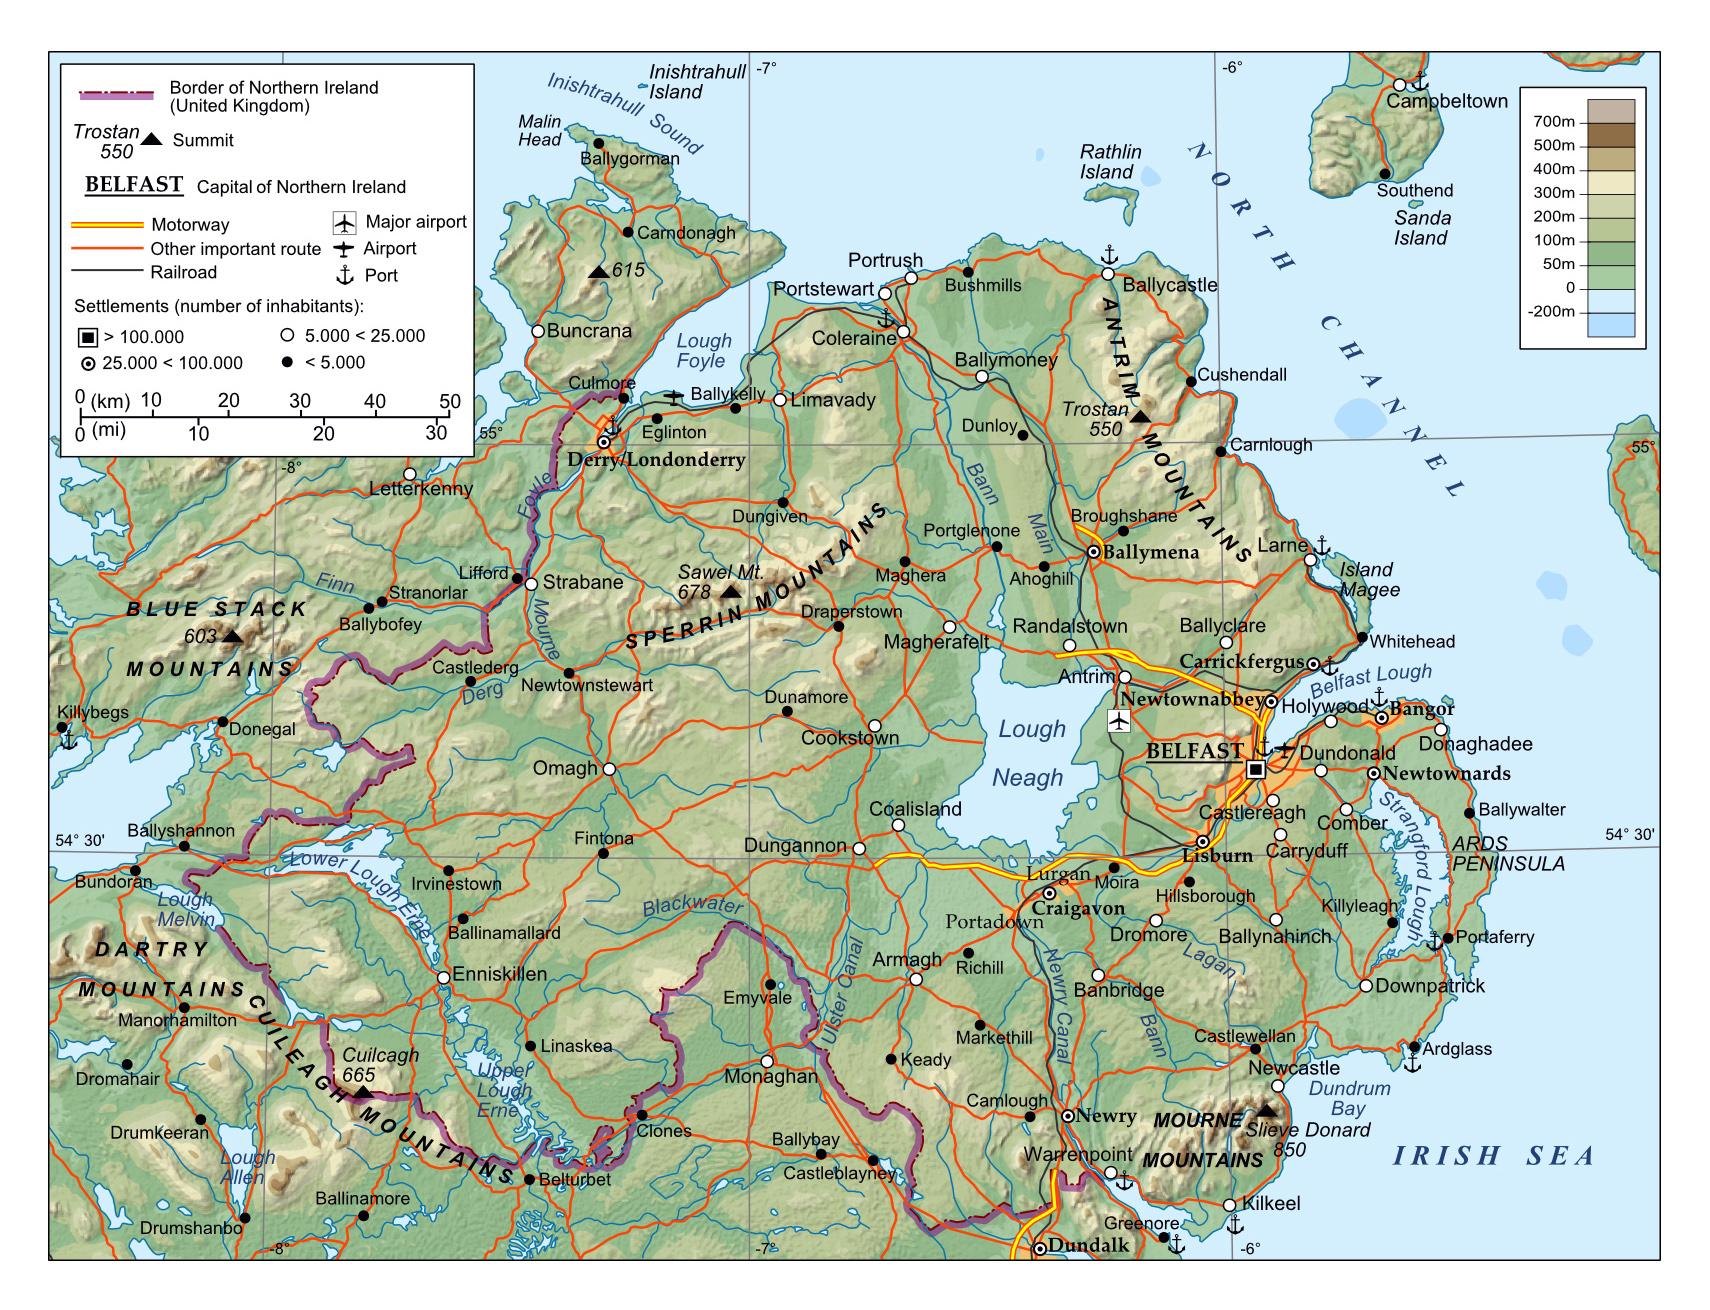 Physical Map Of Ireland.Large Physical Map Of Northern Ireland Ireland Europe Mapsland